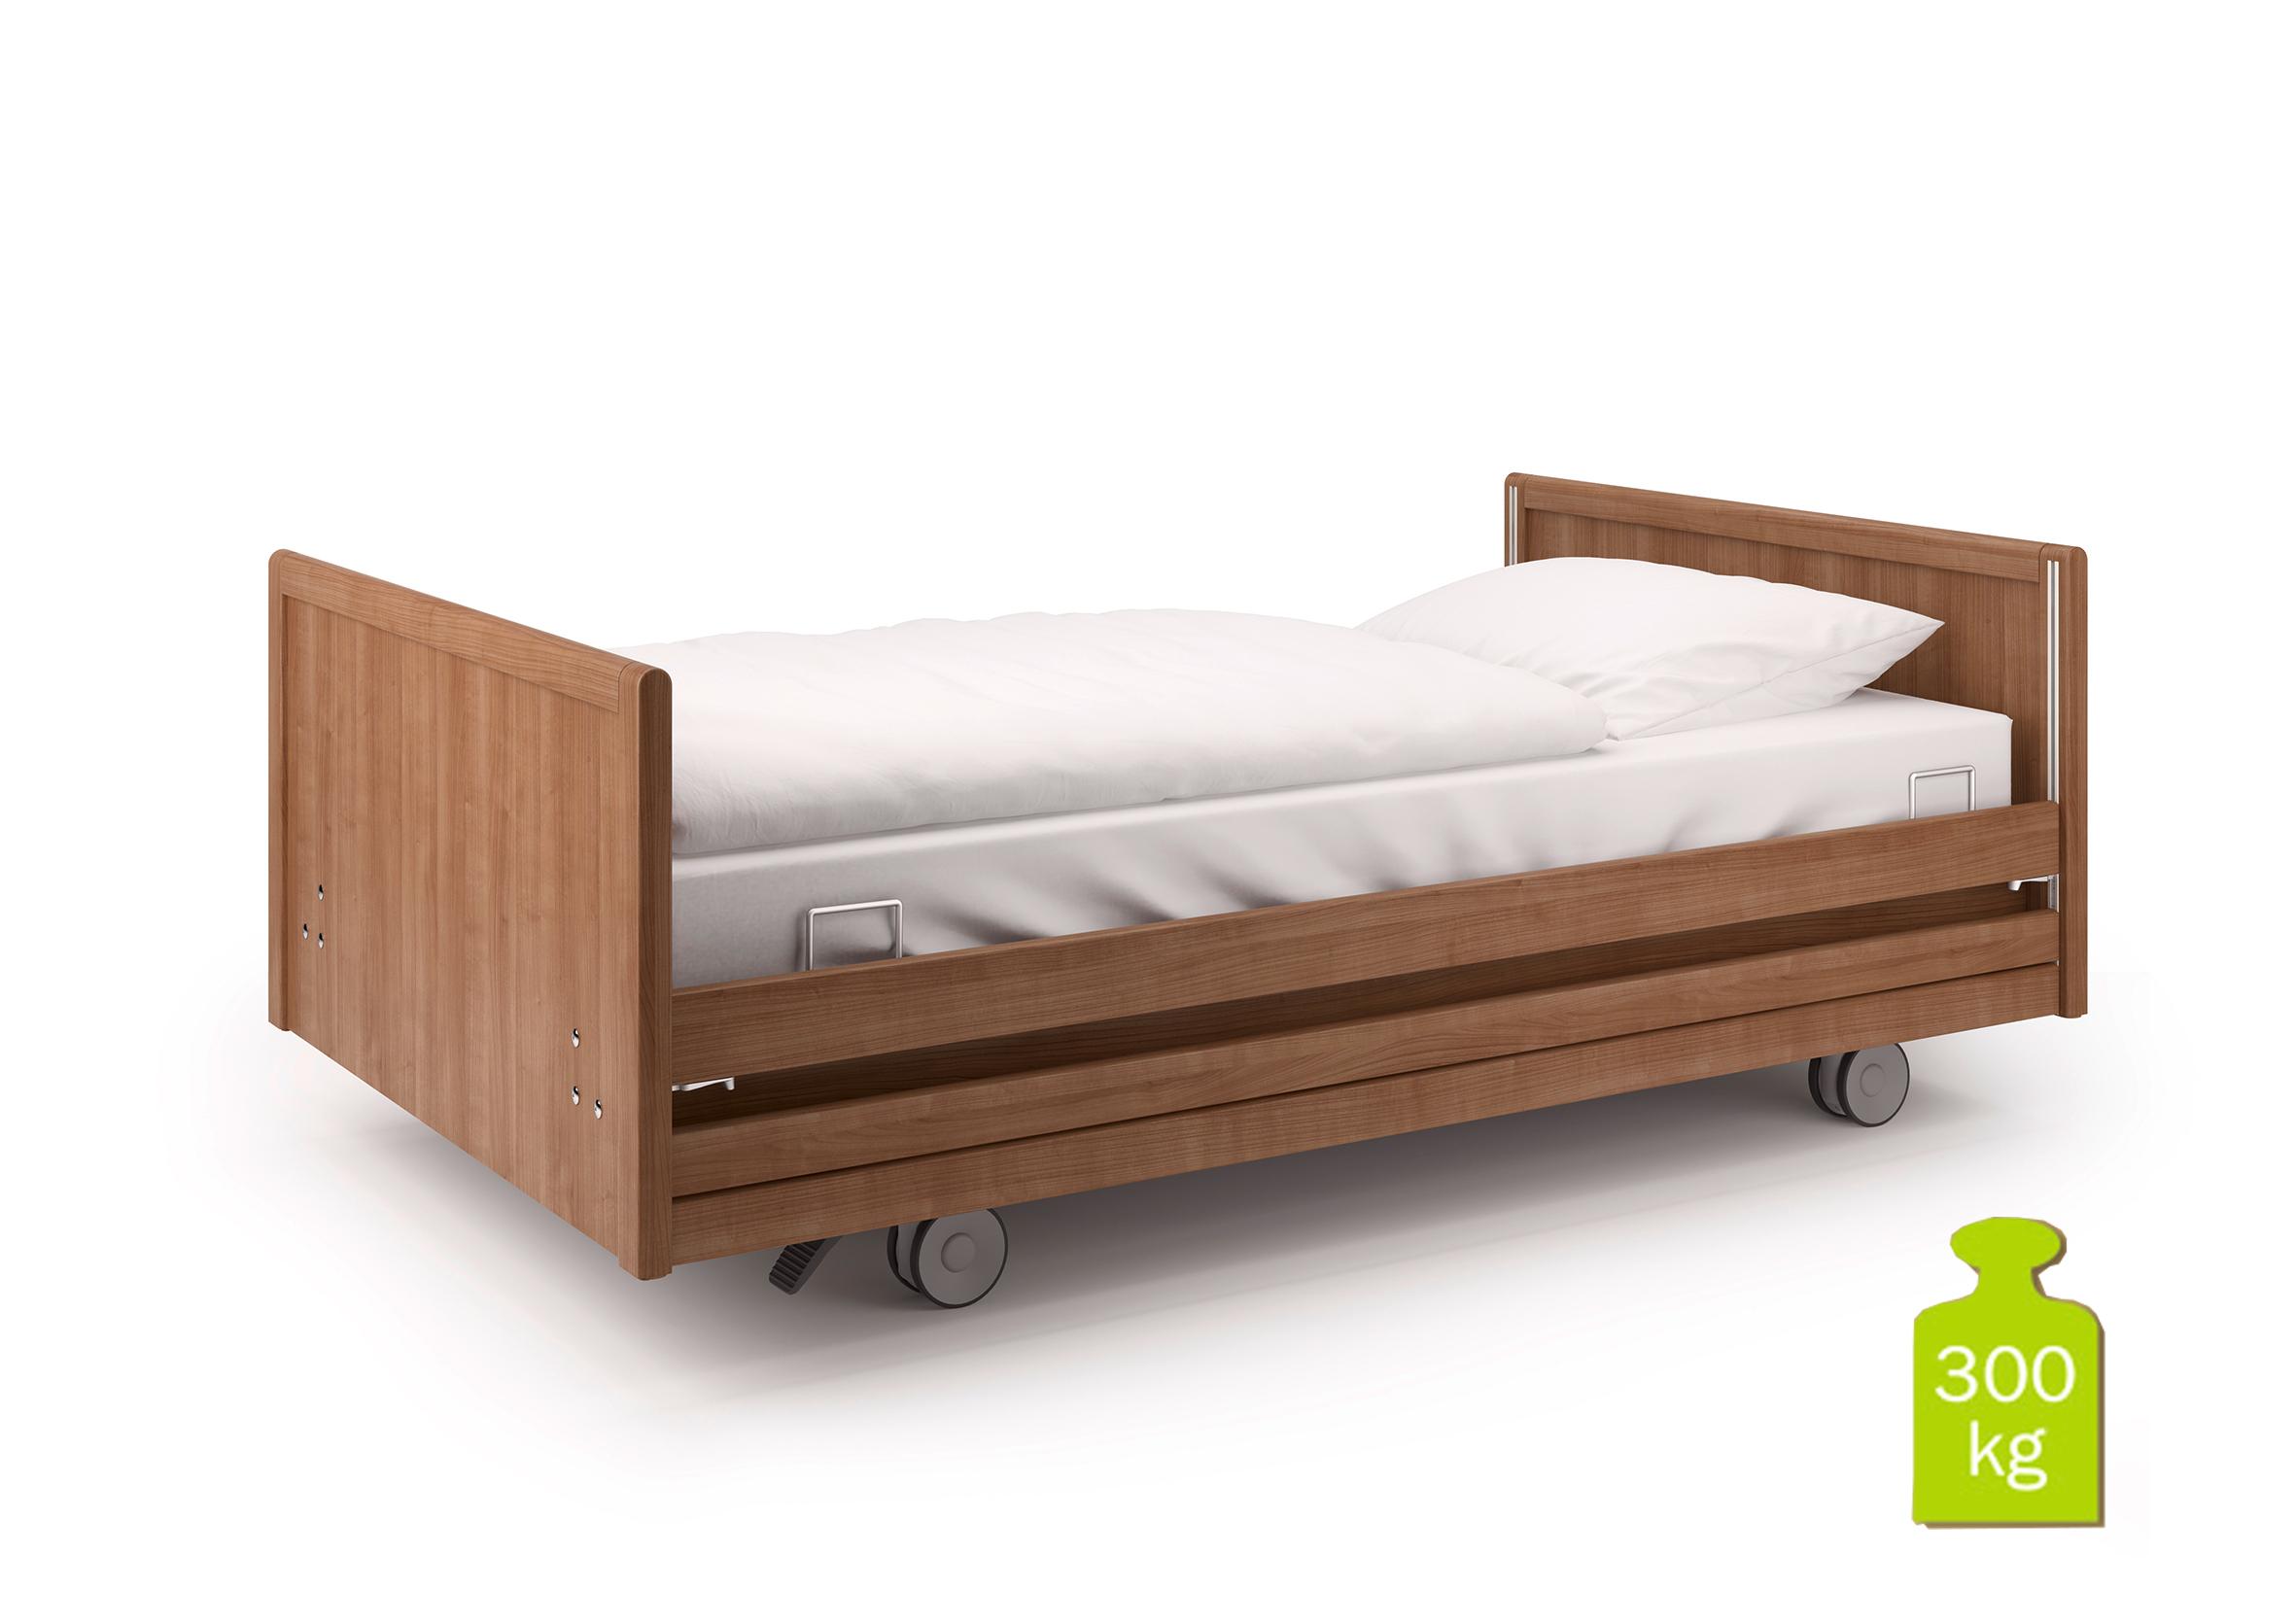 Full Size of Betten Für übergewichtige Carisma 300 Xxl Universalbett Von Wi Bo Kaufen Regal Ordner Wohnwert Coole Deckenlampen Wohnzimmer Treca Wasserhahn Küche Rauch Bett Betten Für übergewichtige